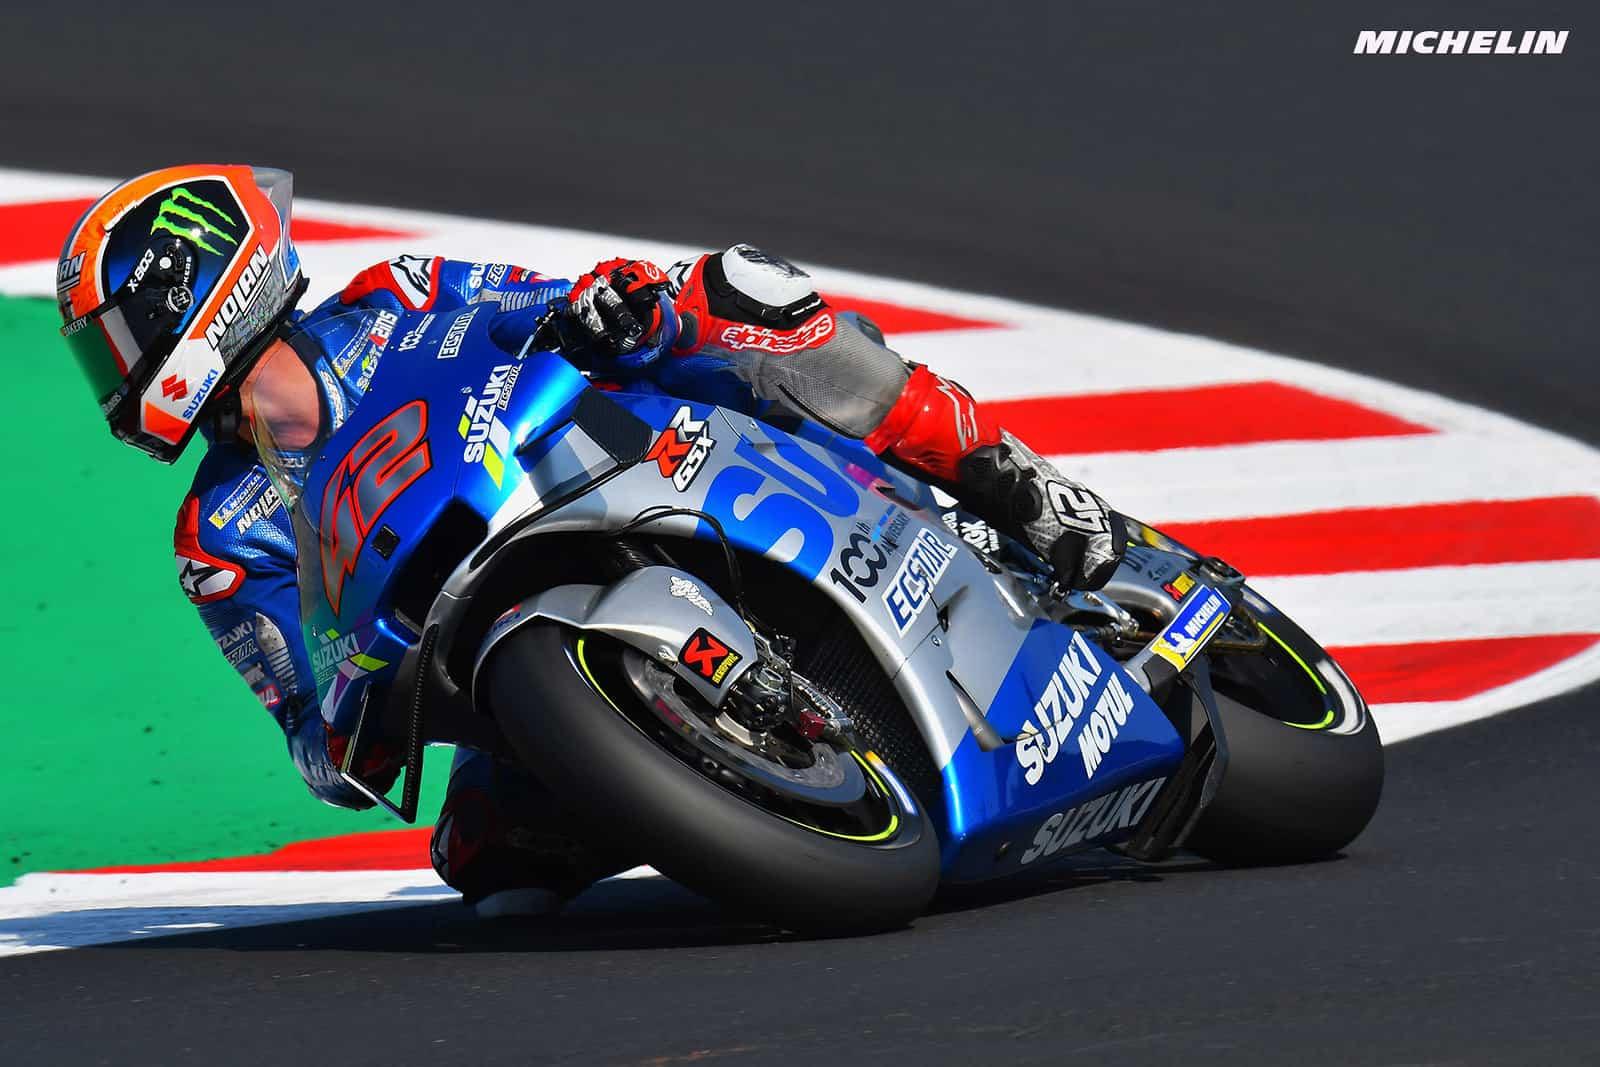 フランスGP アレックス・リンス「本来この怪我の回復には3ヶ月はかかる」